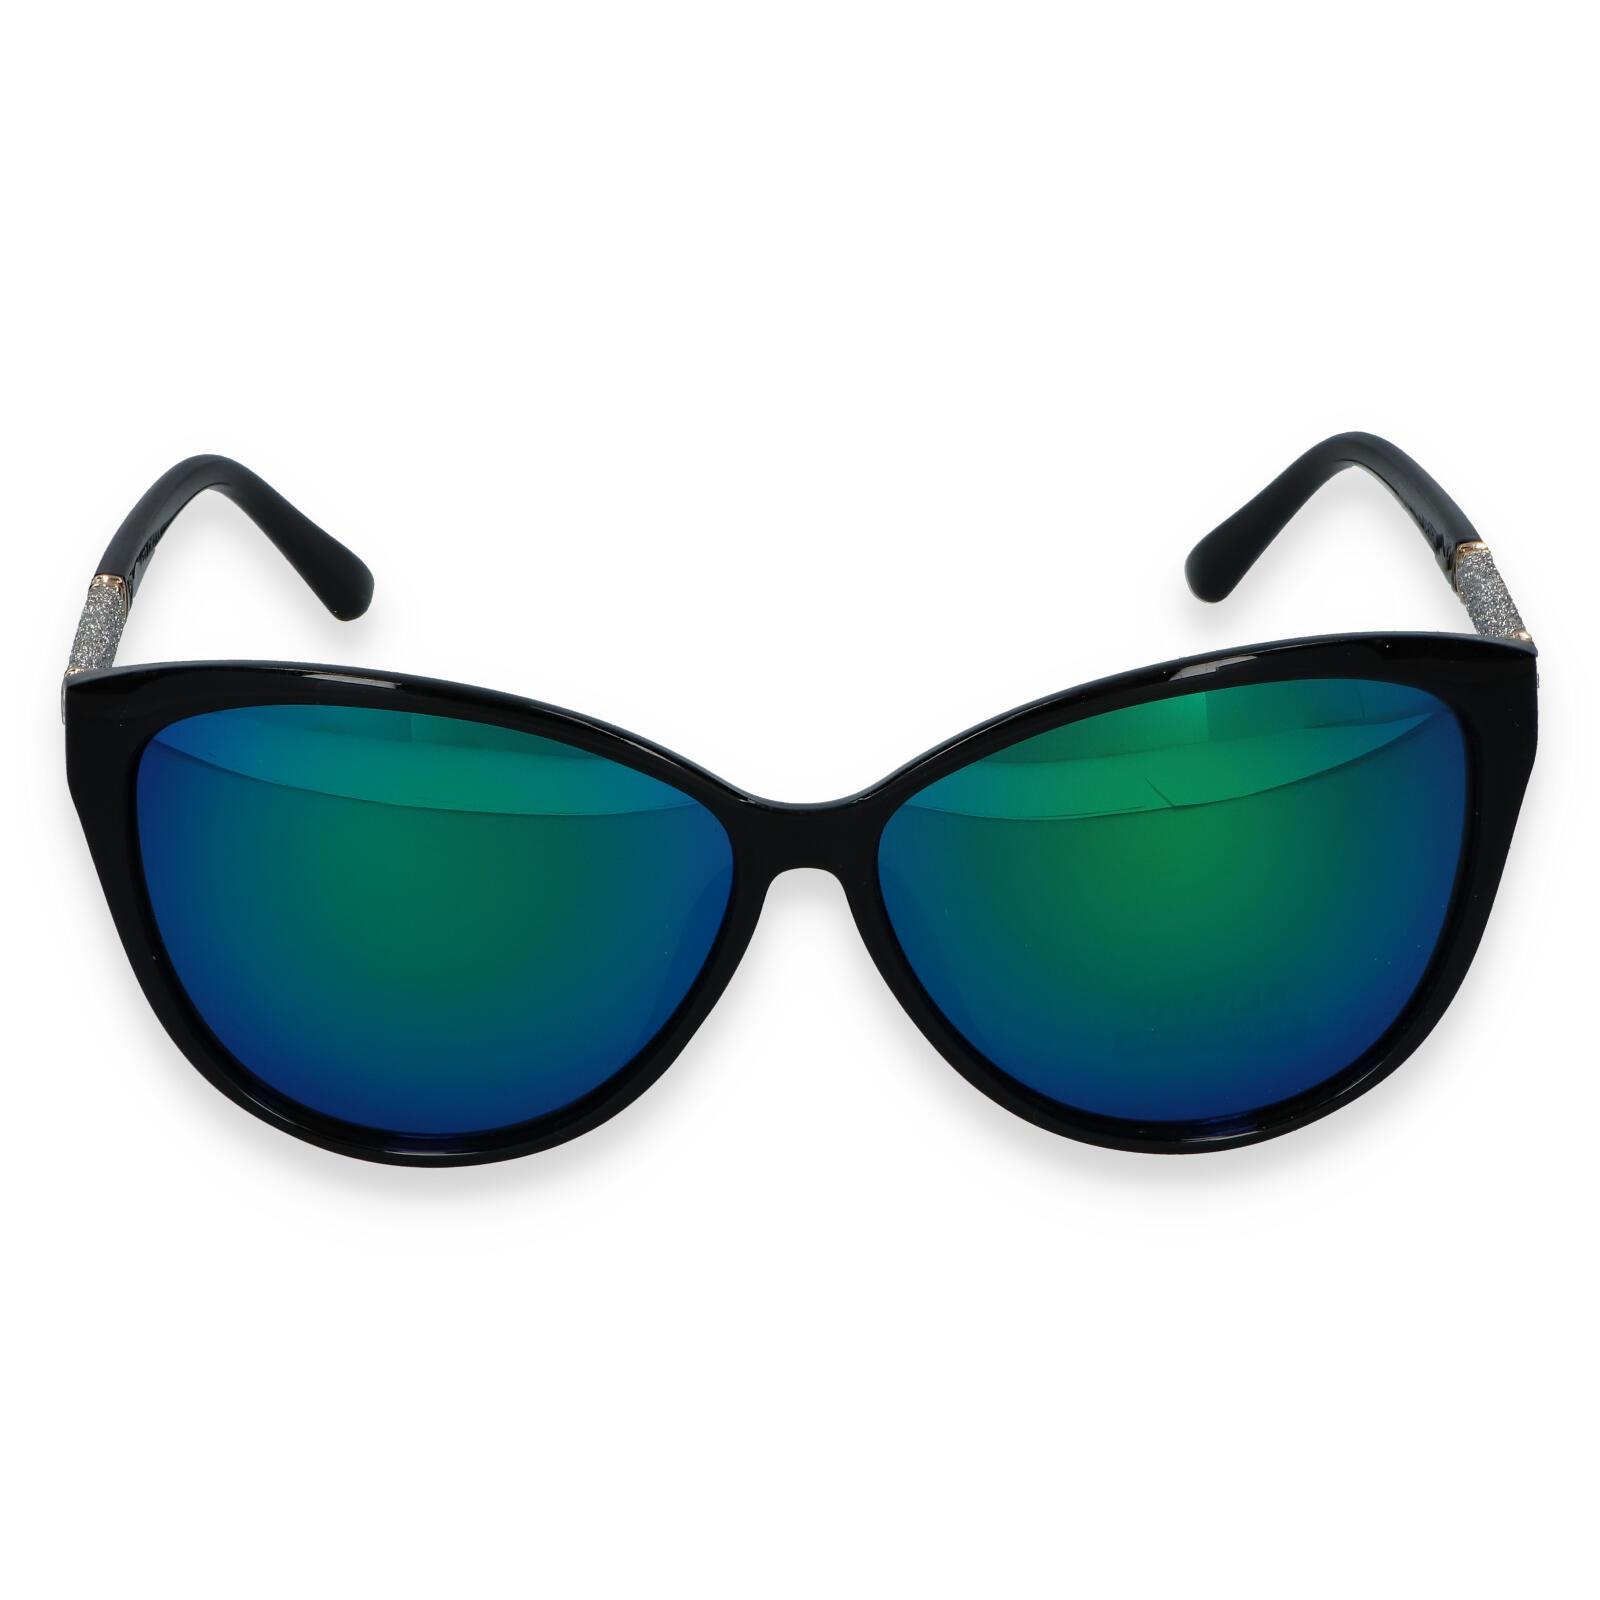 Dámské sluneční brýle černé - R022C černá